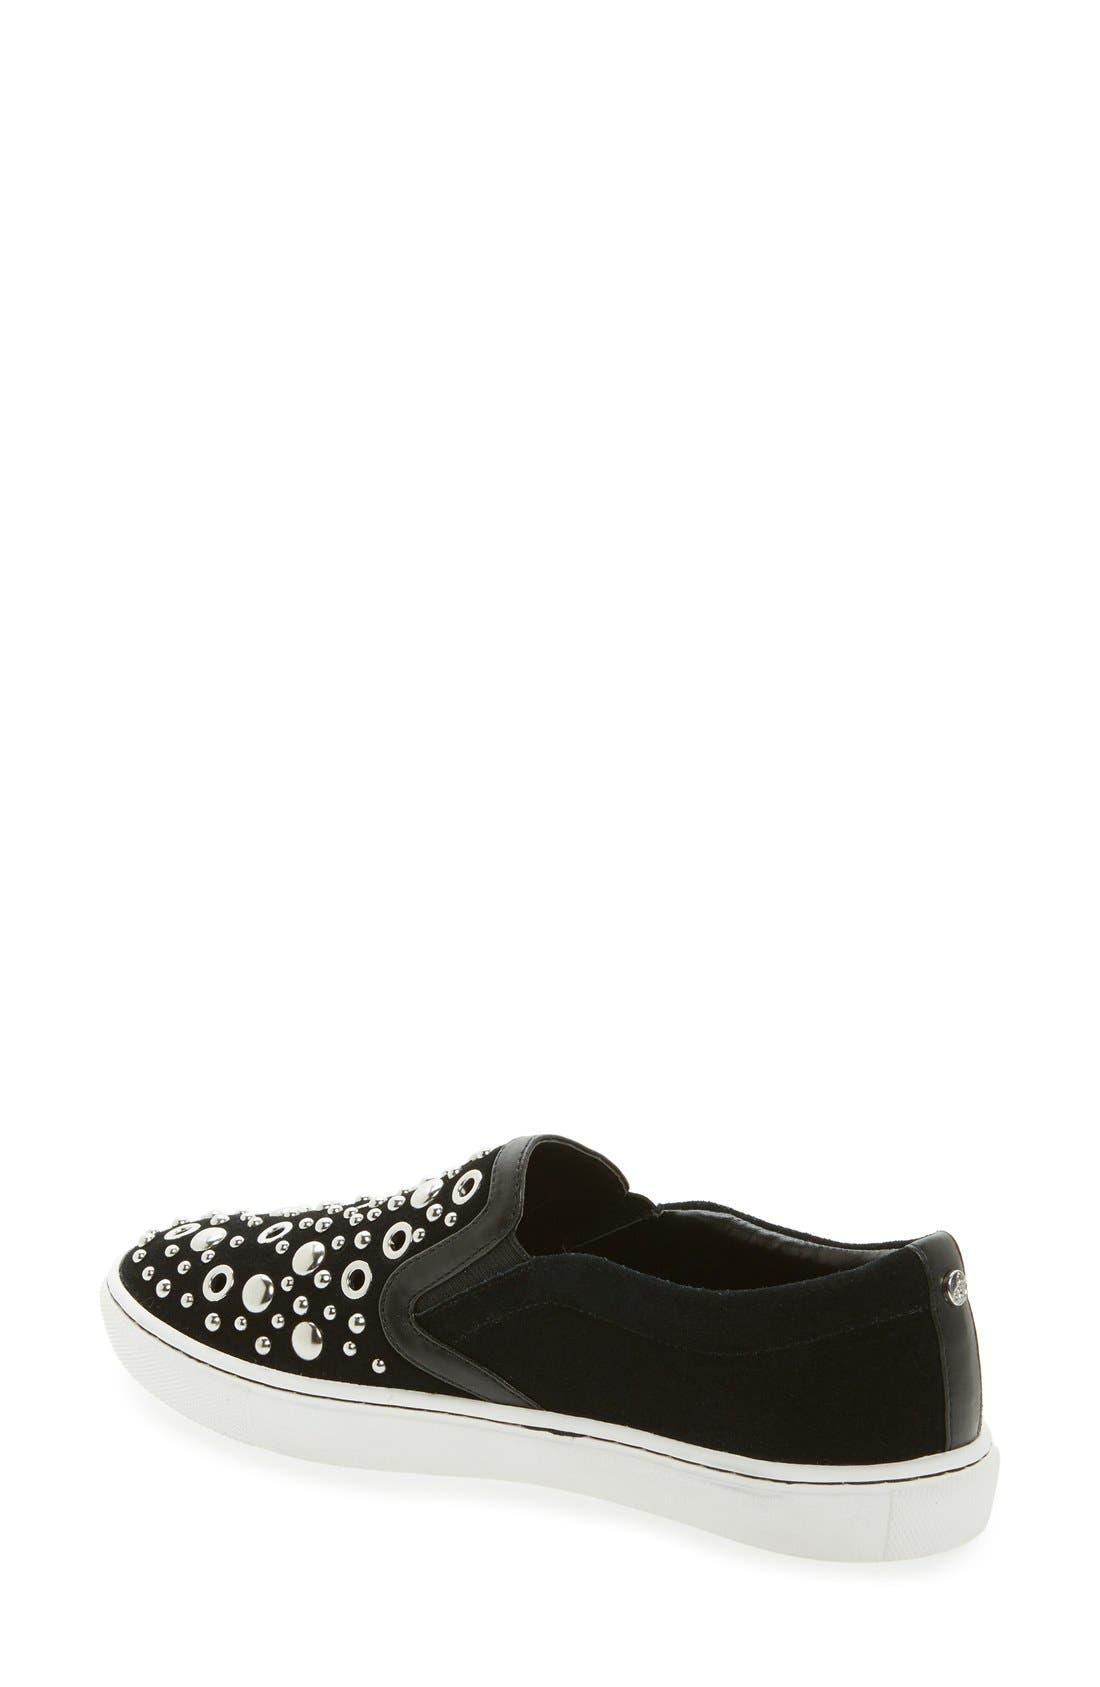 Paven Embellished Slip-On Sneaker,                             Alternate thumbnail 2, color,                             Black